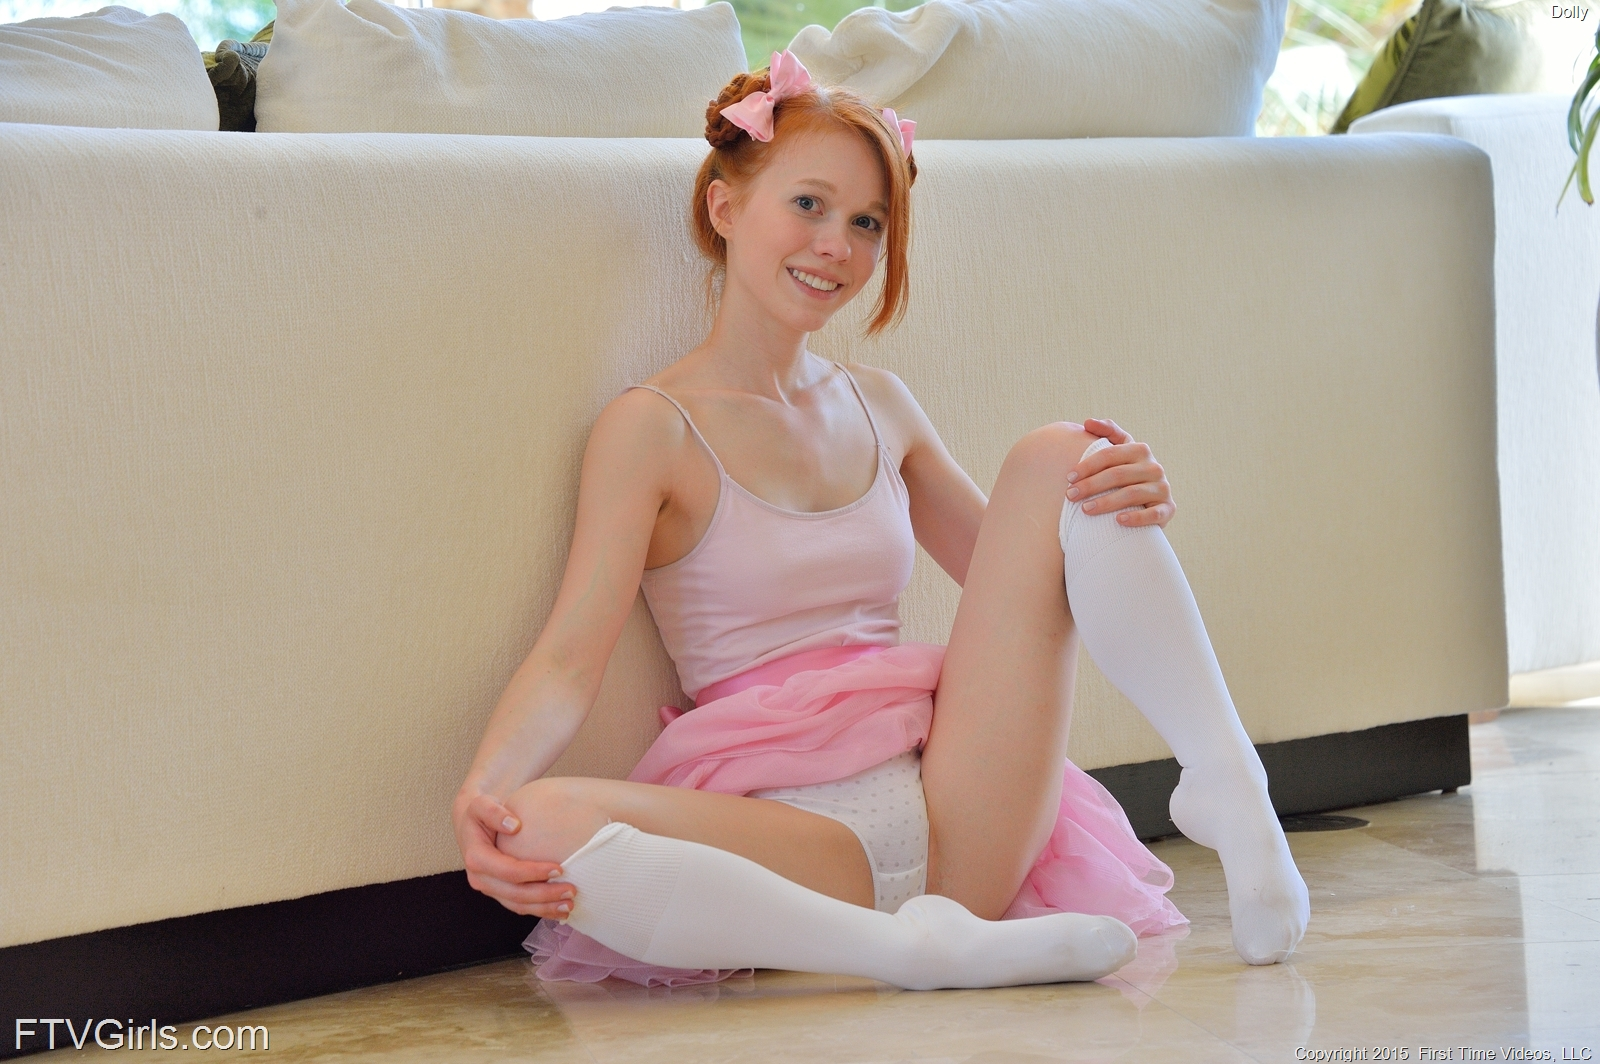 dolly-ballerina-redhead-nude-ftvgirls-01